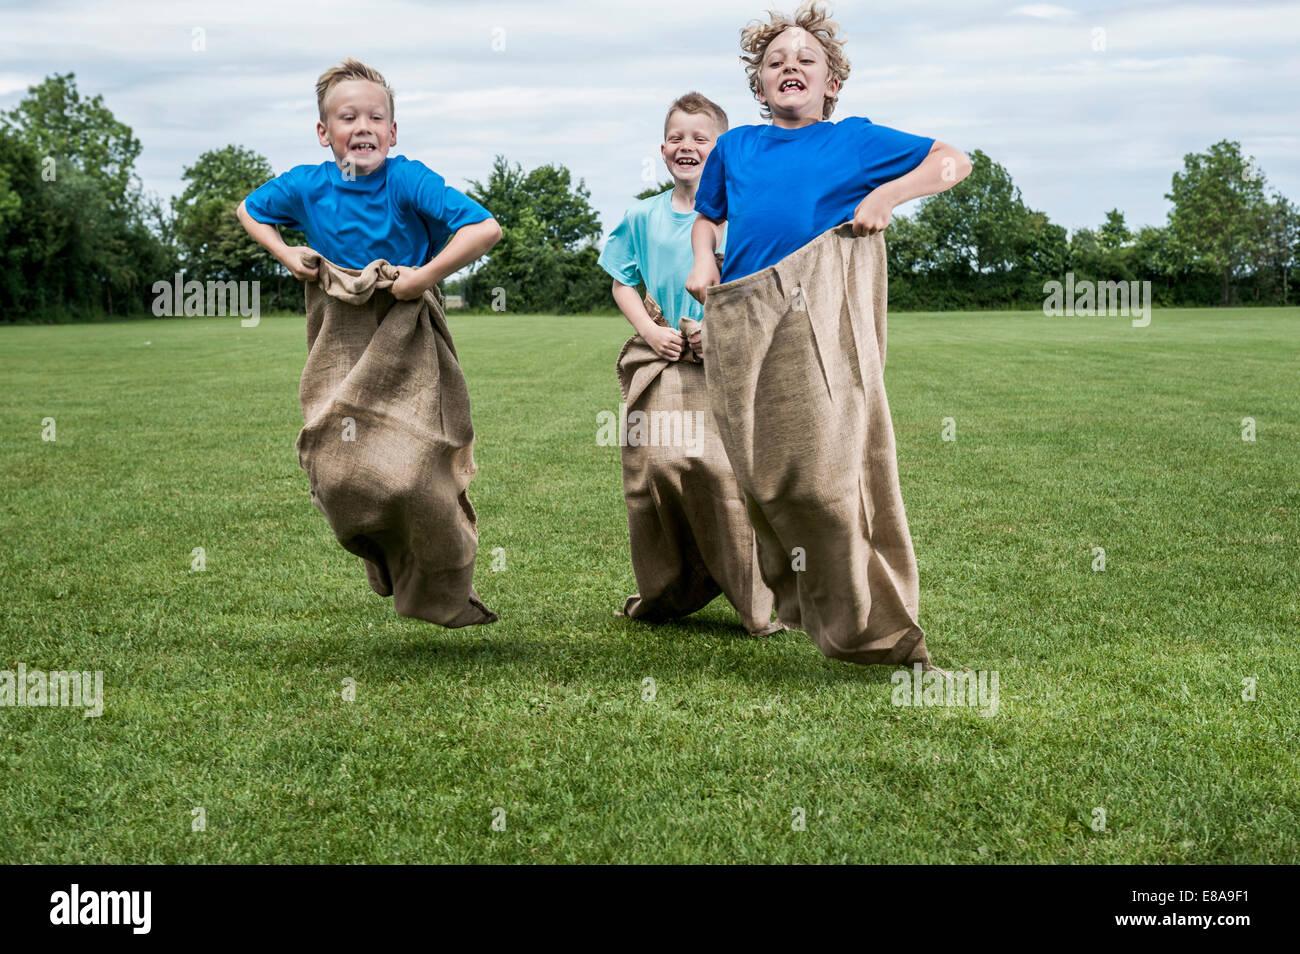 Tre giovani ragazzi in esecuzione in sackrace jumping Immagini Stock